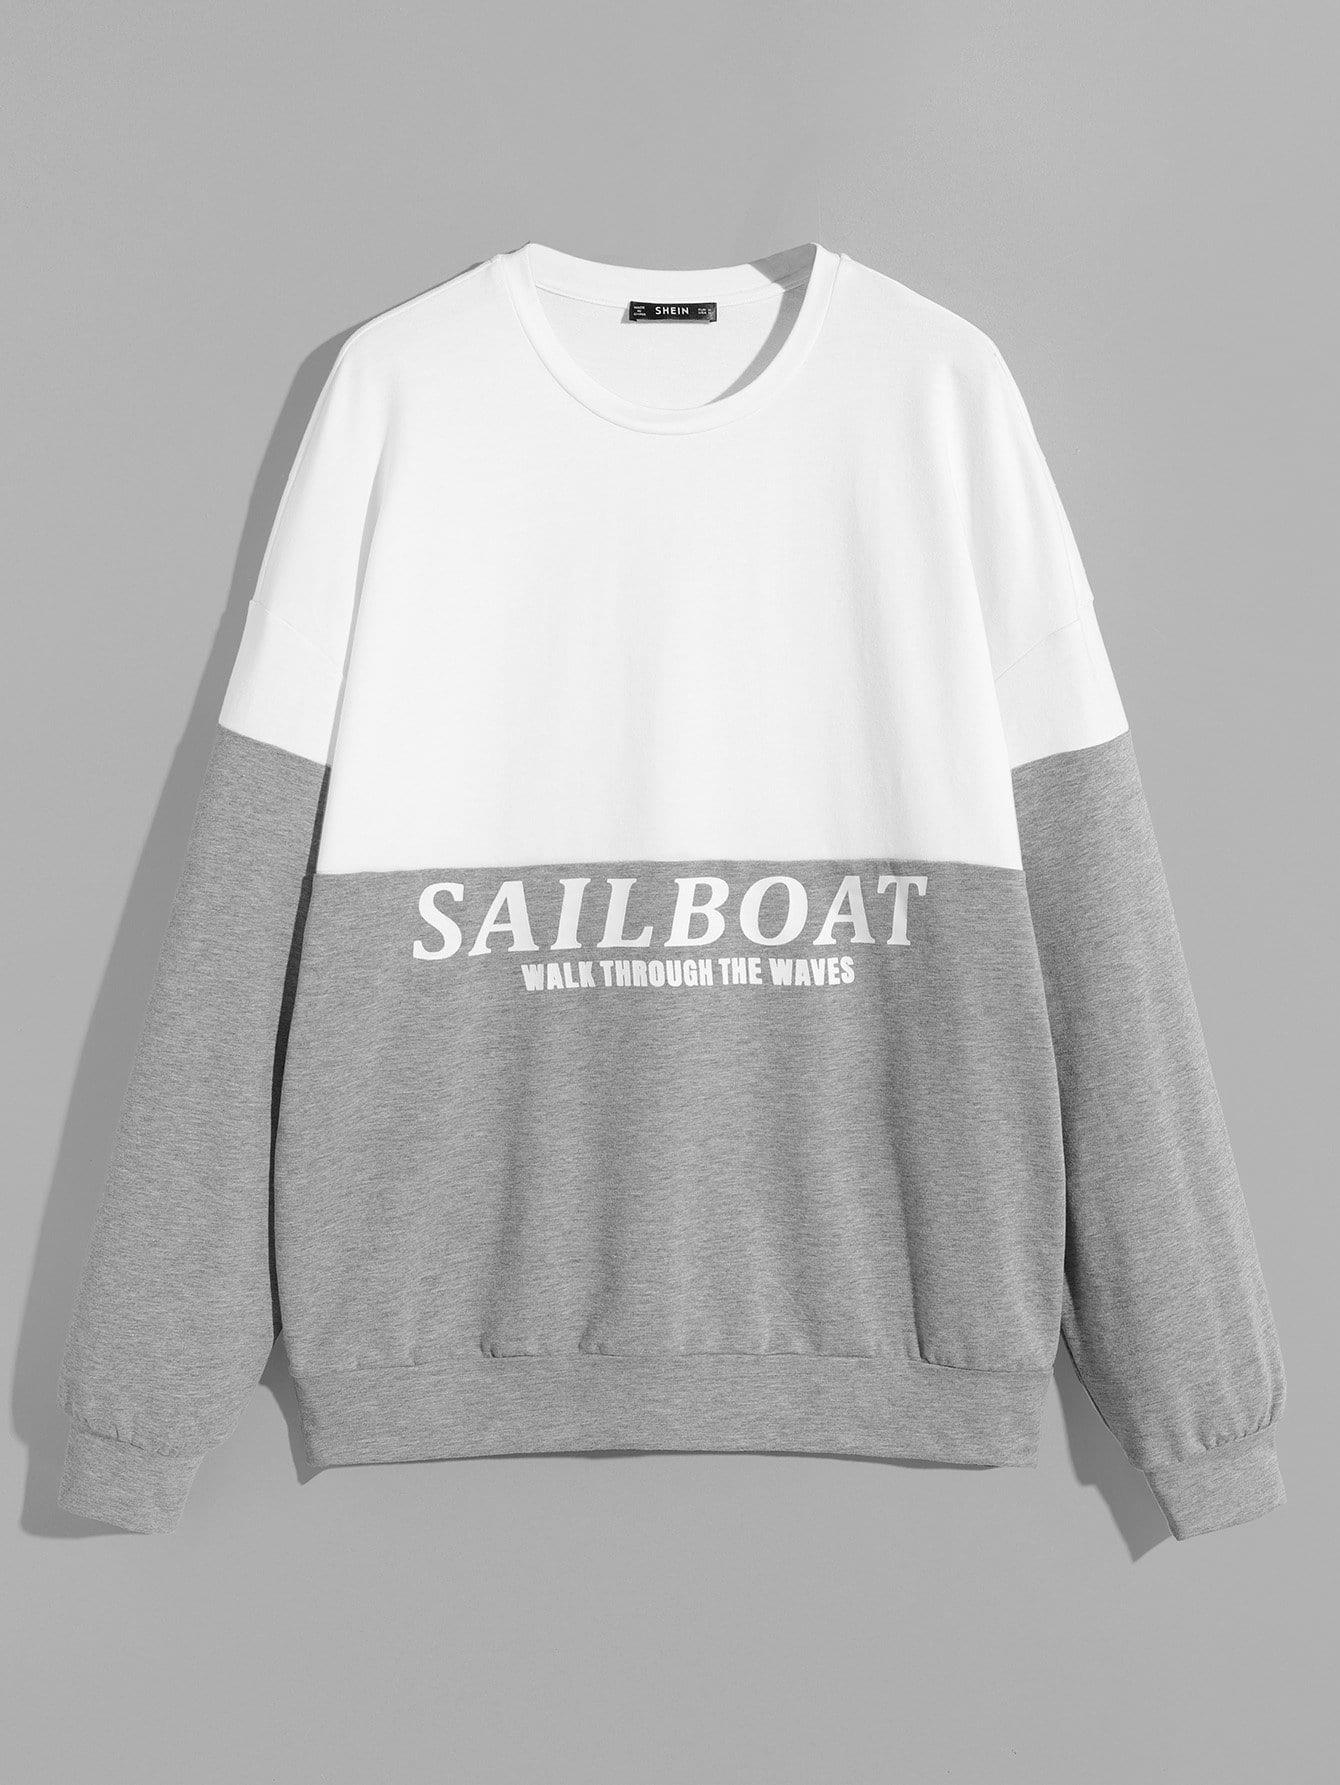 Фото - Контрастный пуловер с текстовым принтом для мужчин от SheIn цвет многоцветный